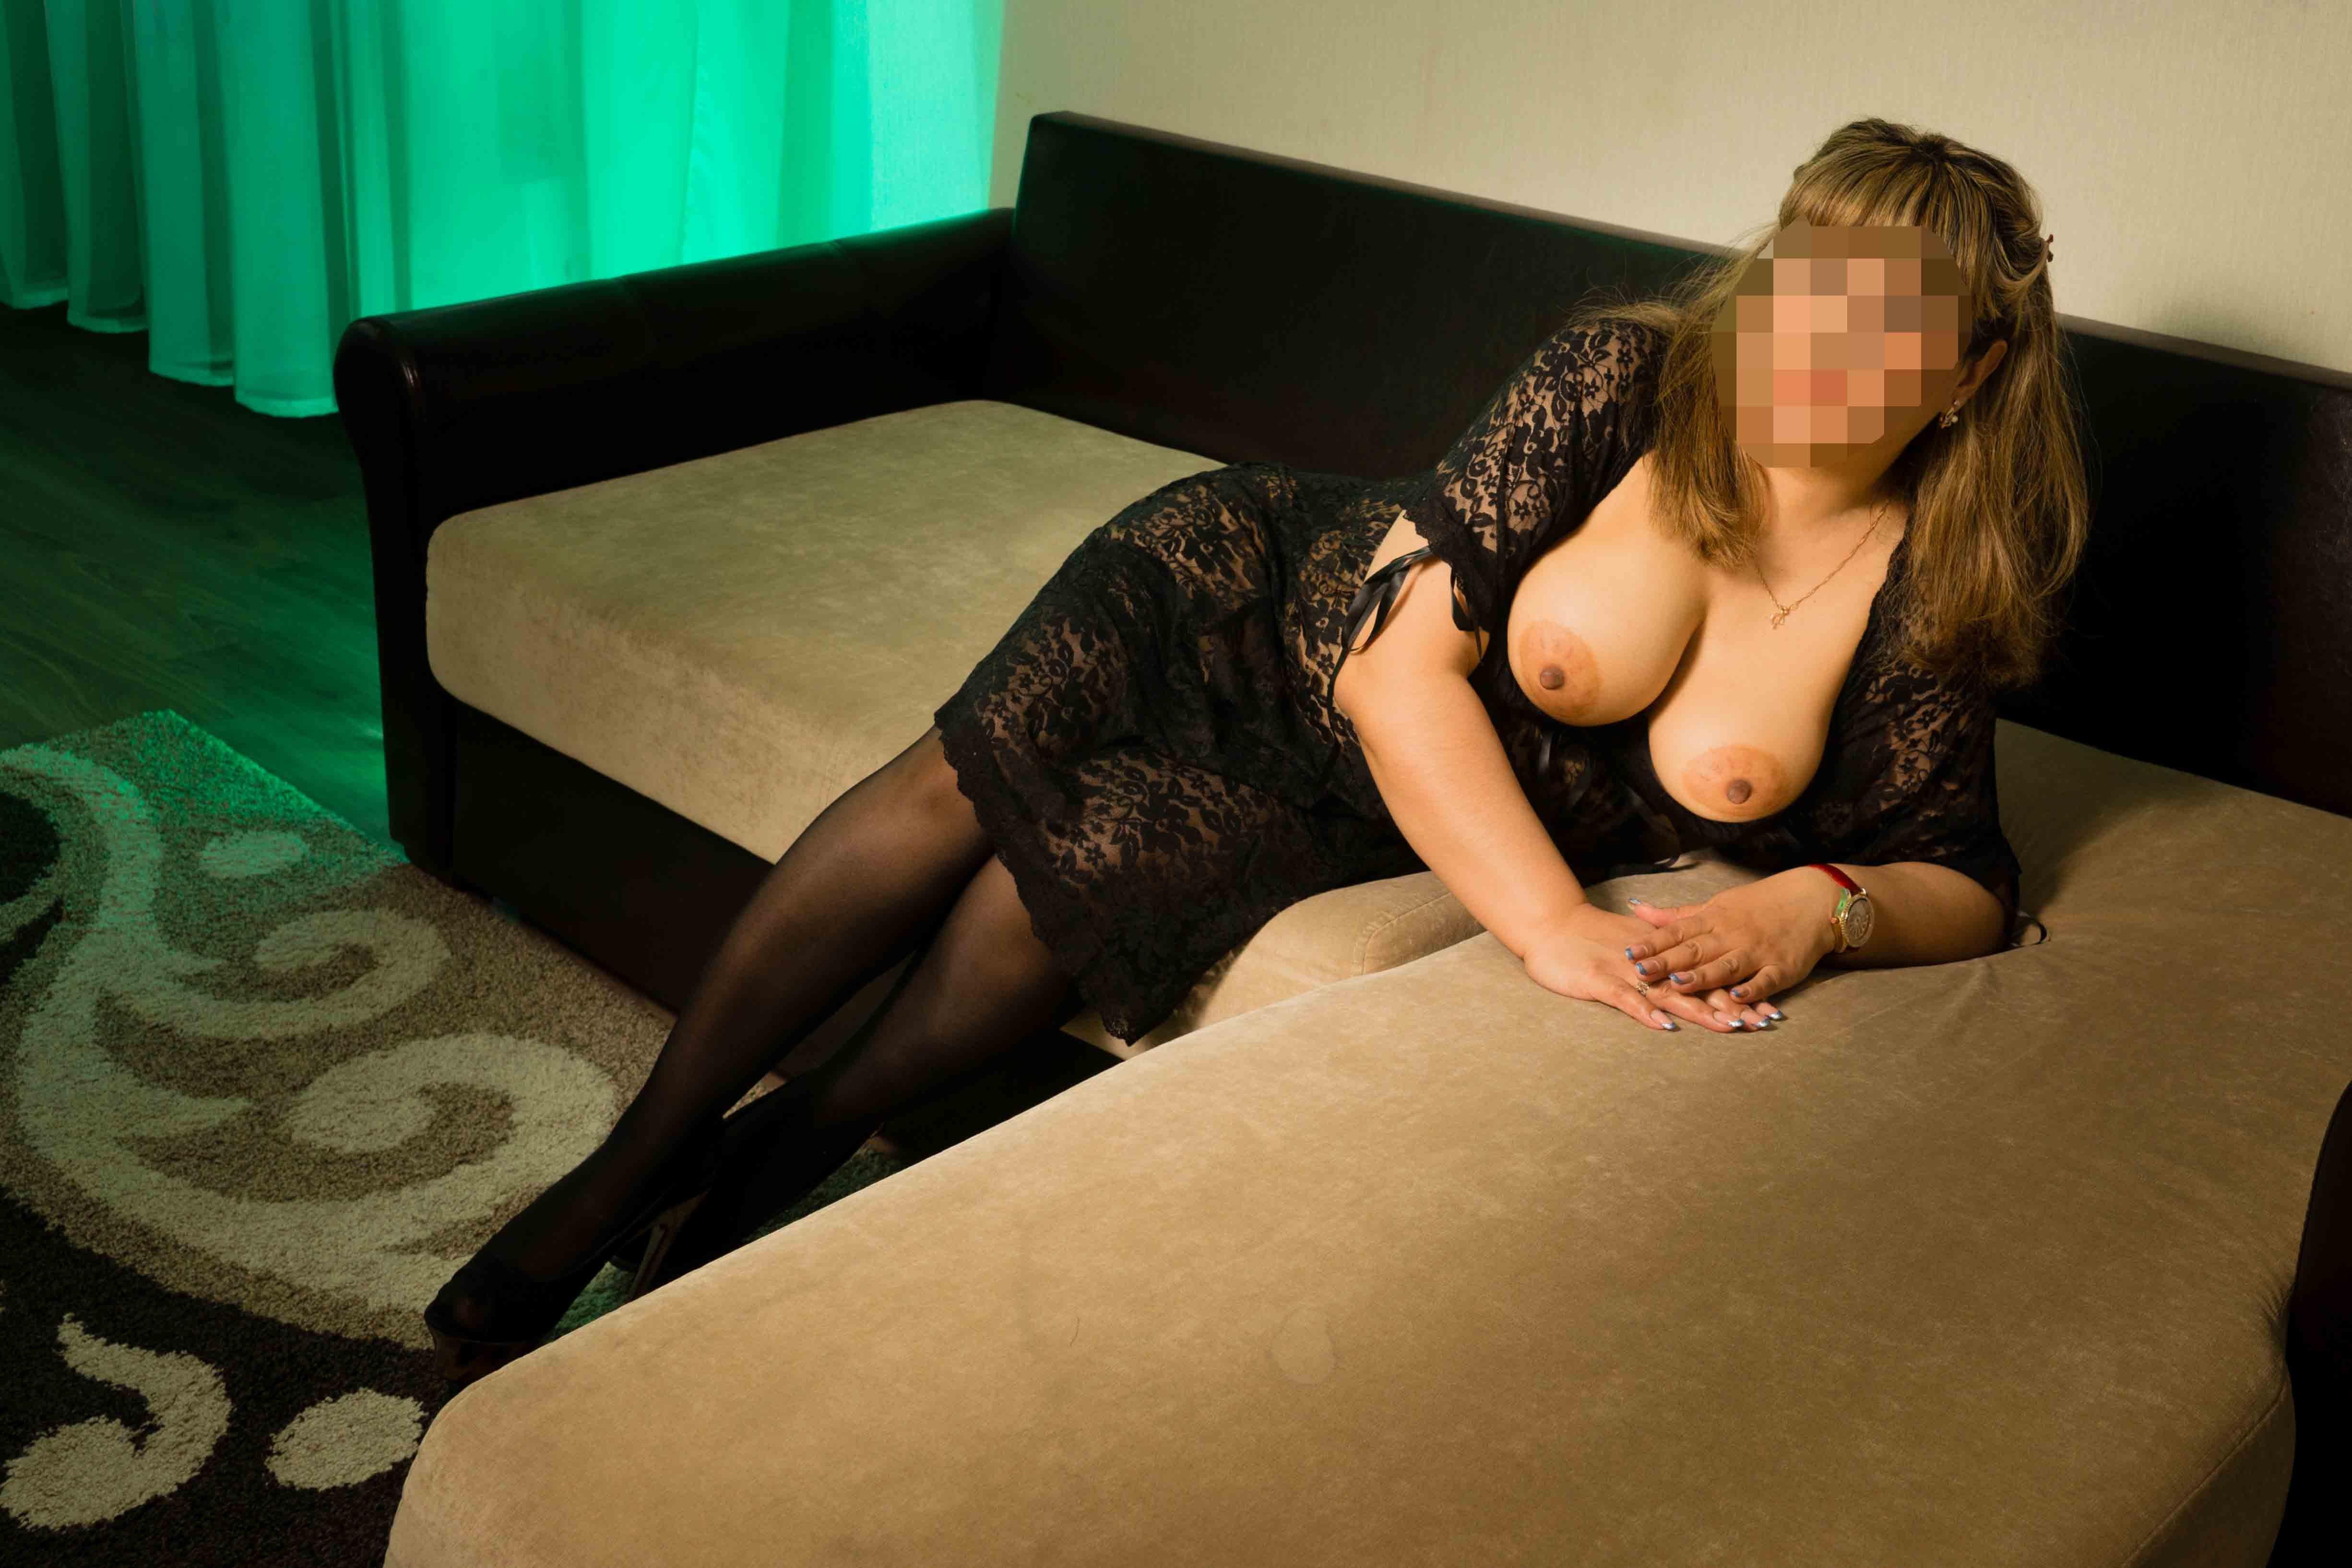 Проститутка взрослая тюмень объявления проституток